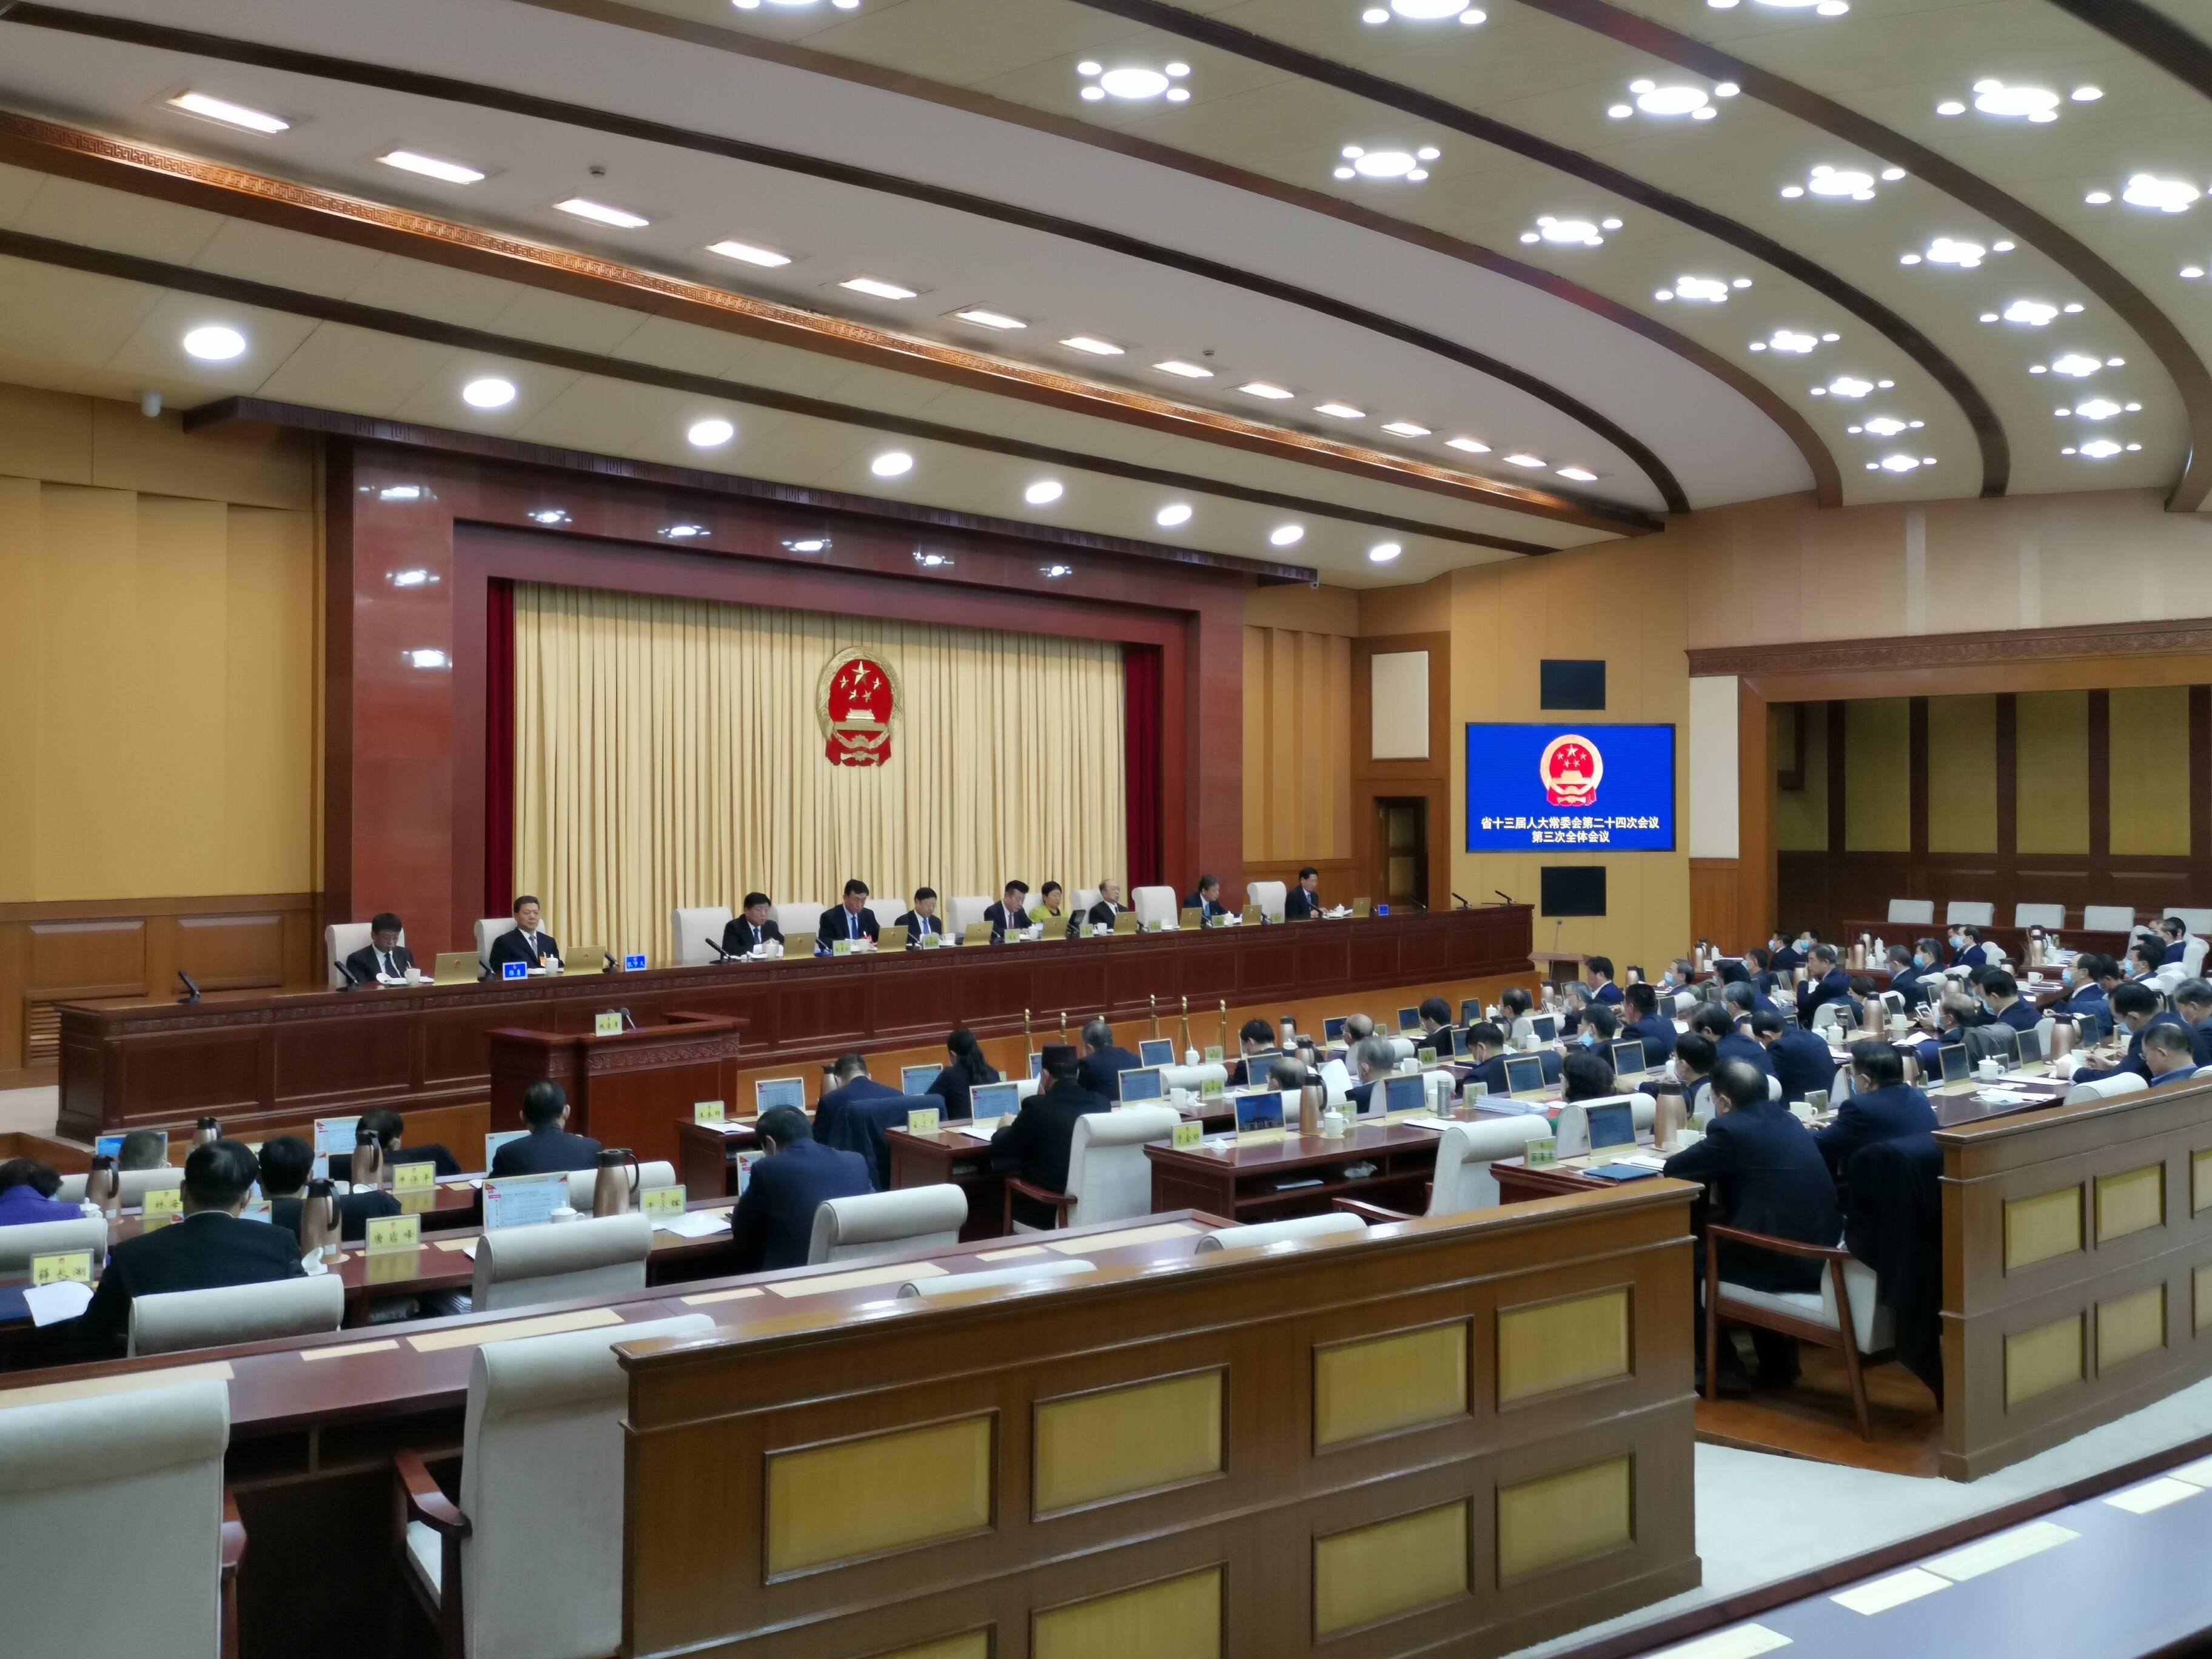 山东省十三届人大常委会第二十四次会议闭会 决定省十三届人大五次会议明年1月中下旬召开